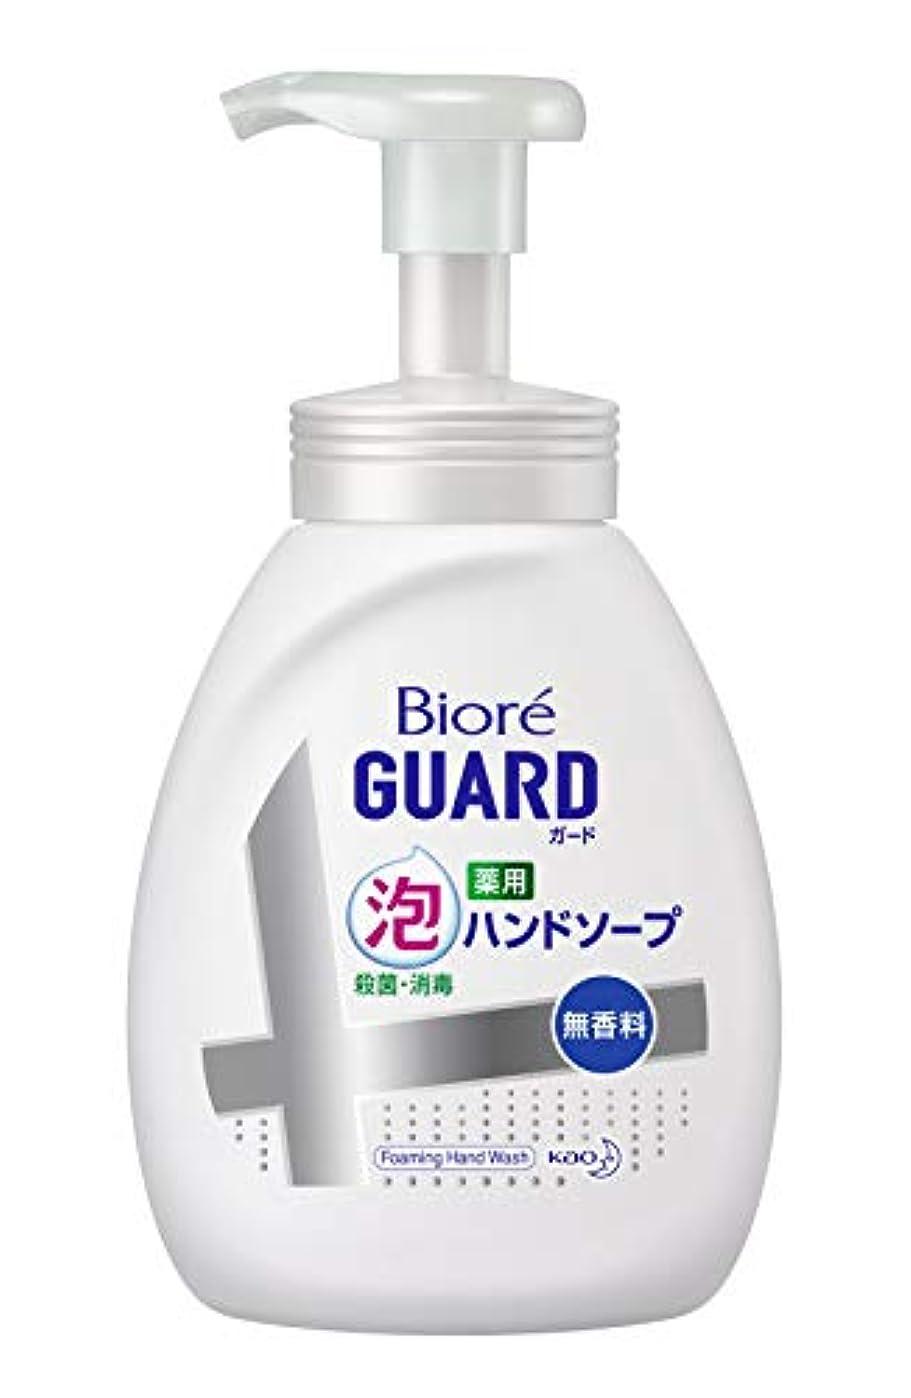 同意するインペリアルアルファベット【大容量】 ビオレガード薬用泡ハンドソープ 無香料 ポンプ 500ml